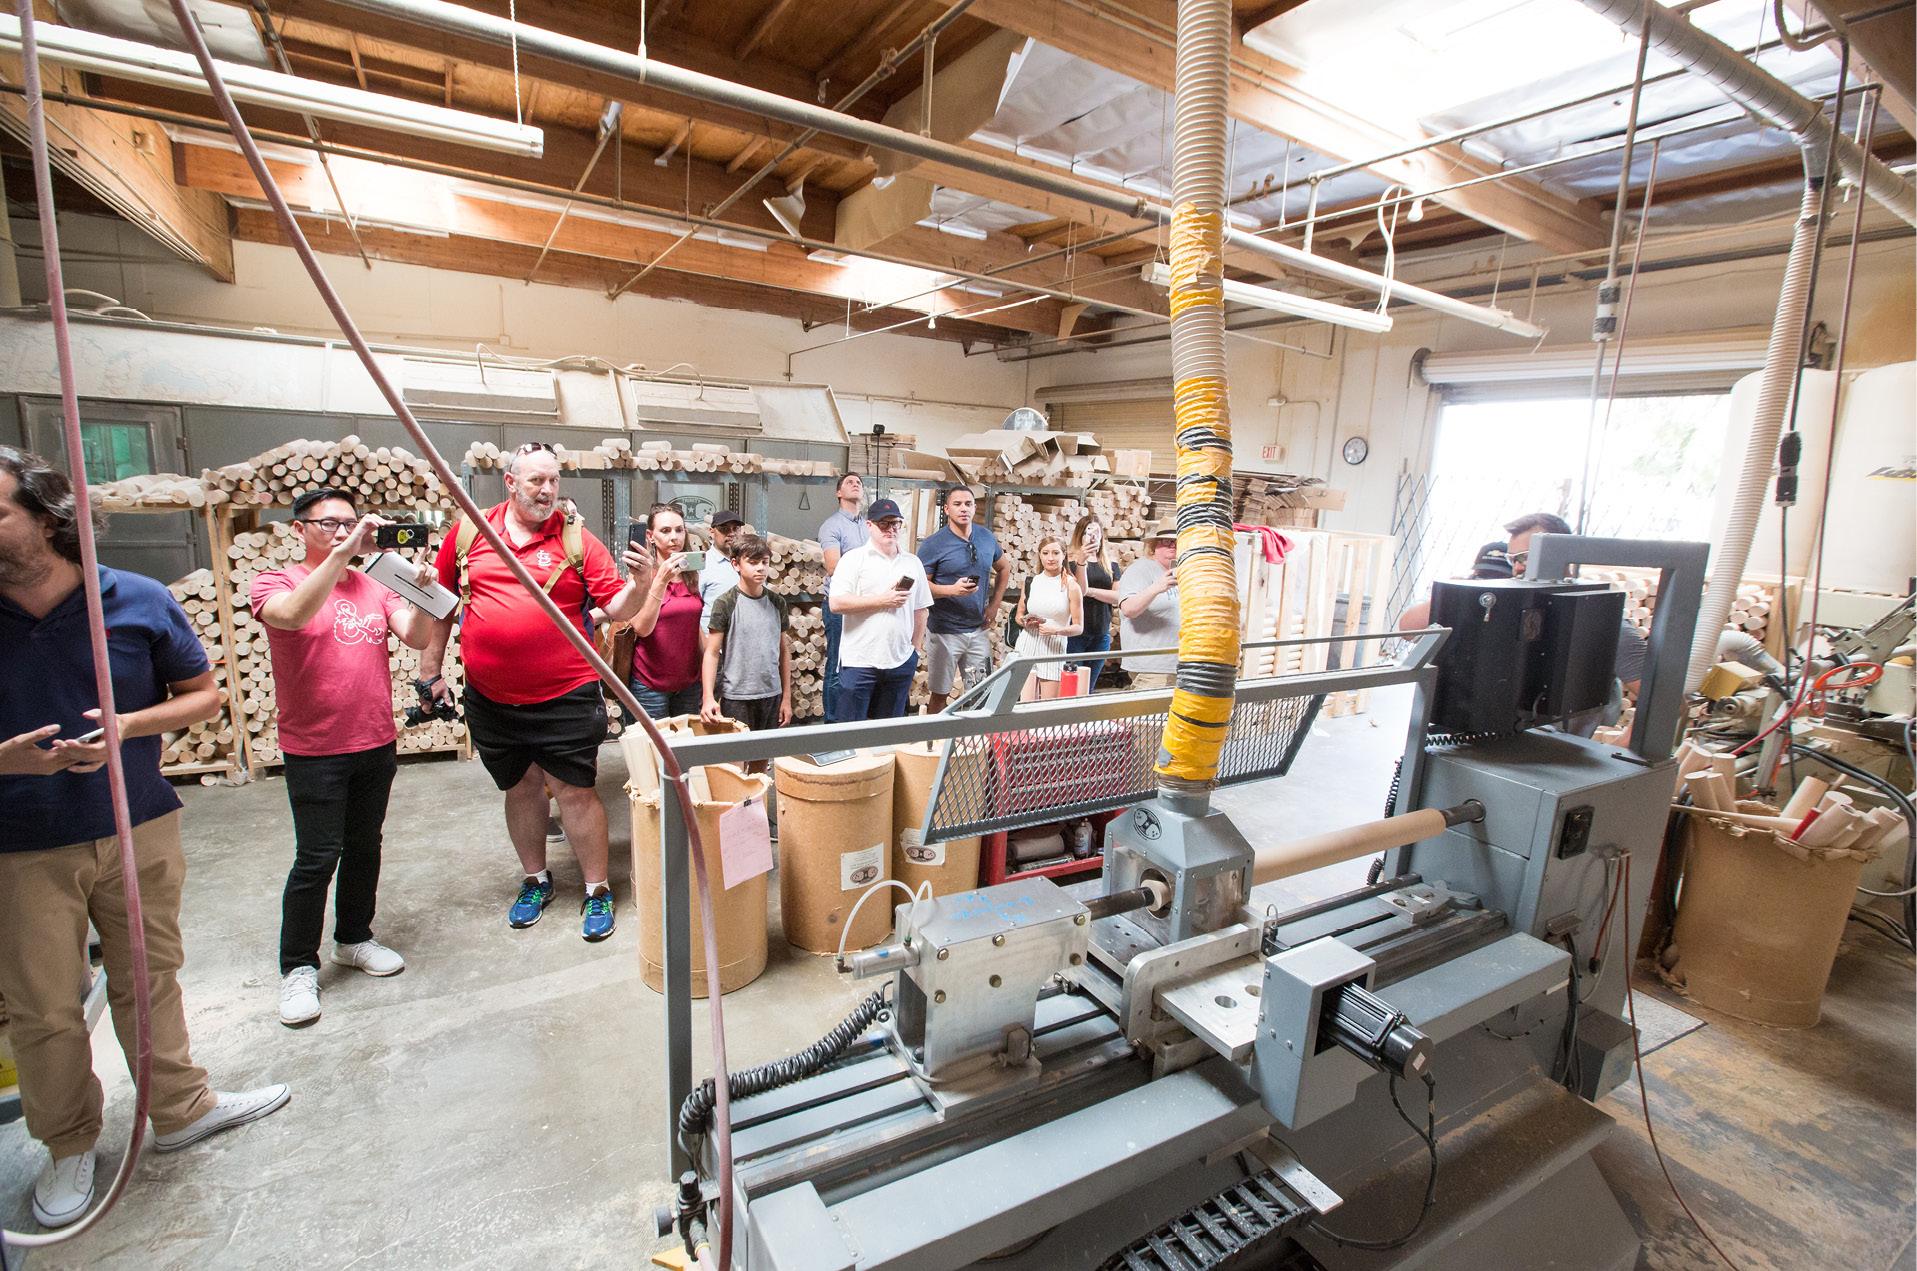 Experiencia de bateo y visita a la fábrica de bats